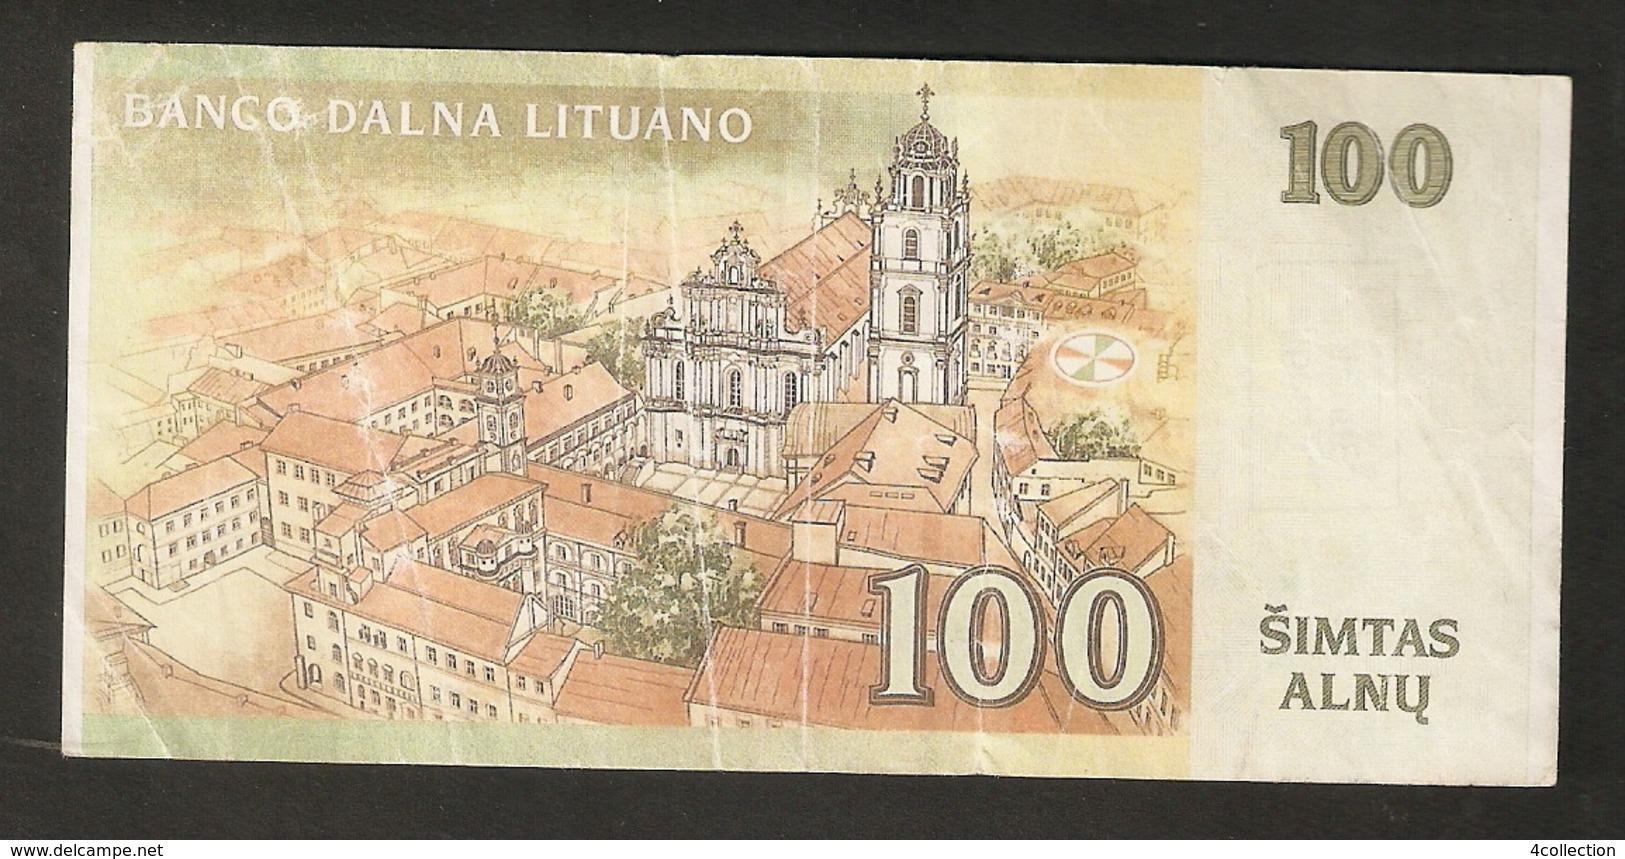 T. Lithuania Banco D'Alna Lituano 100 Simtas Alnu Darento Al Ziezone AD1034509 - Litauen